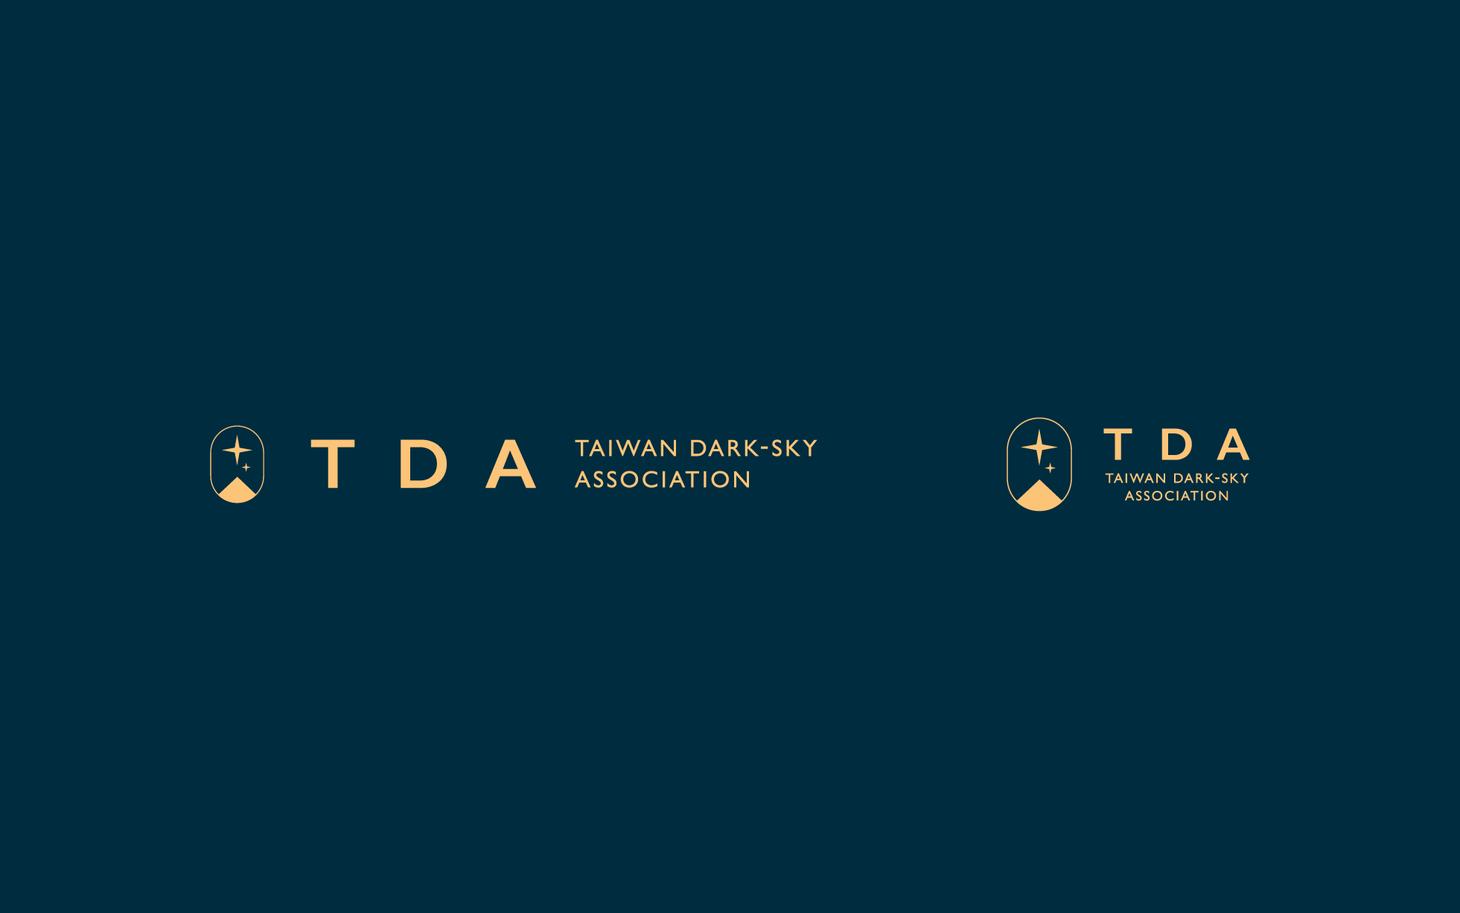 TDA_Logo_2.jpg